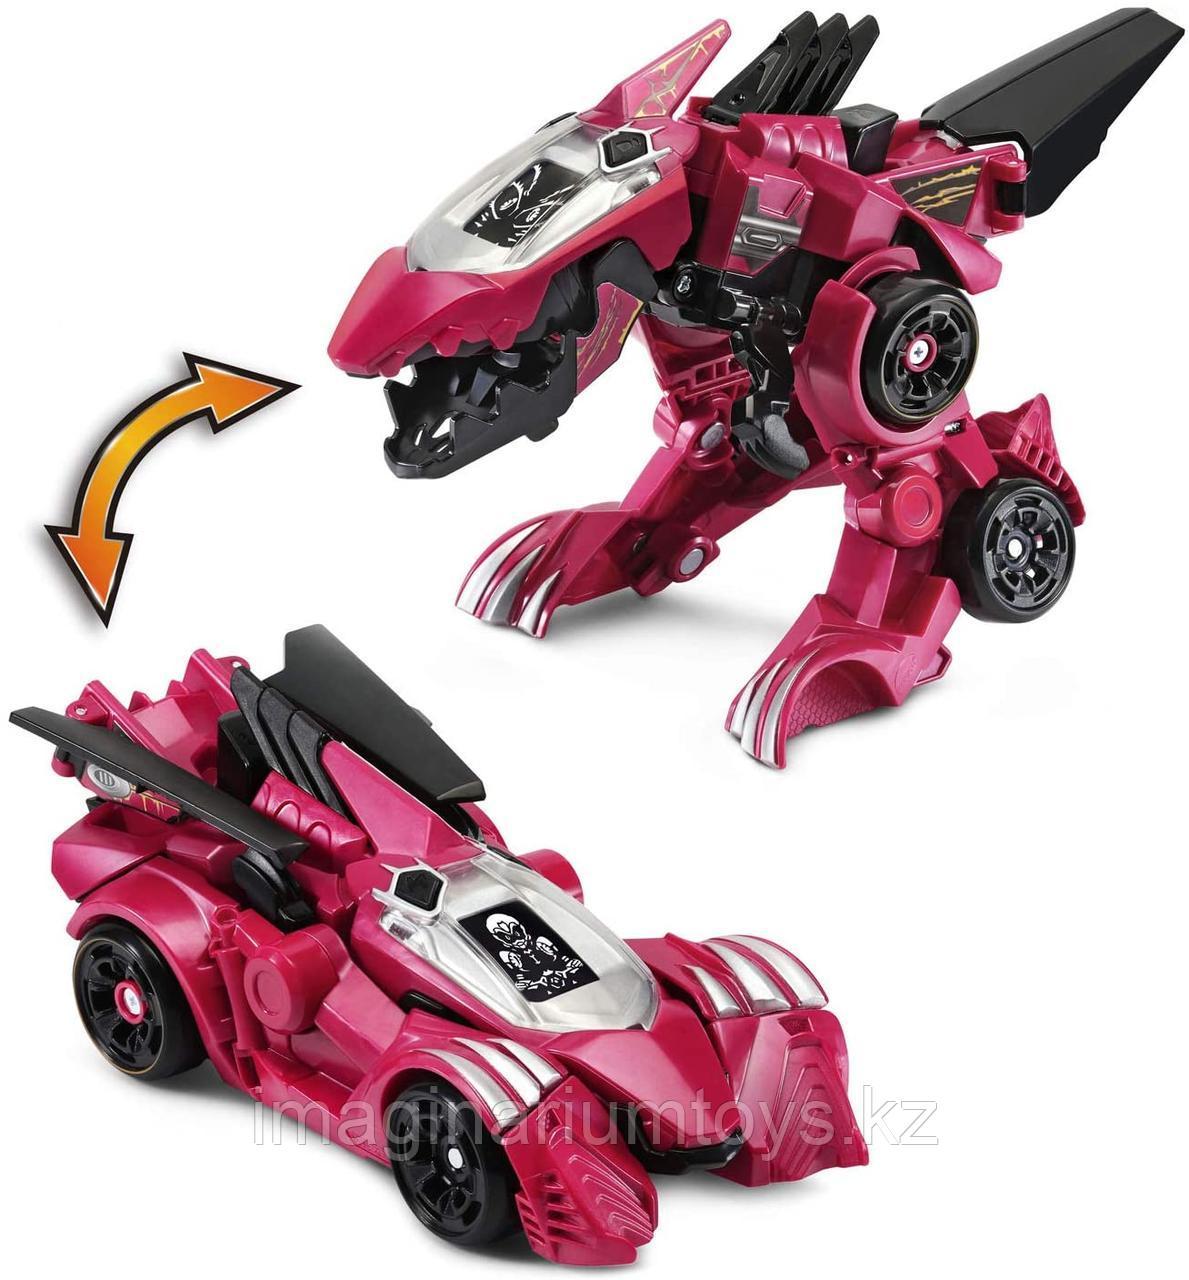 Игрушка  трансформер динозавр-машинка VTech Спинозавр